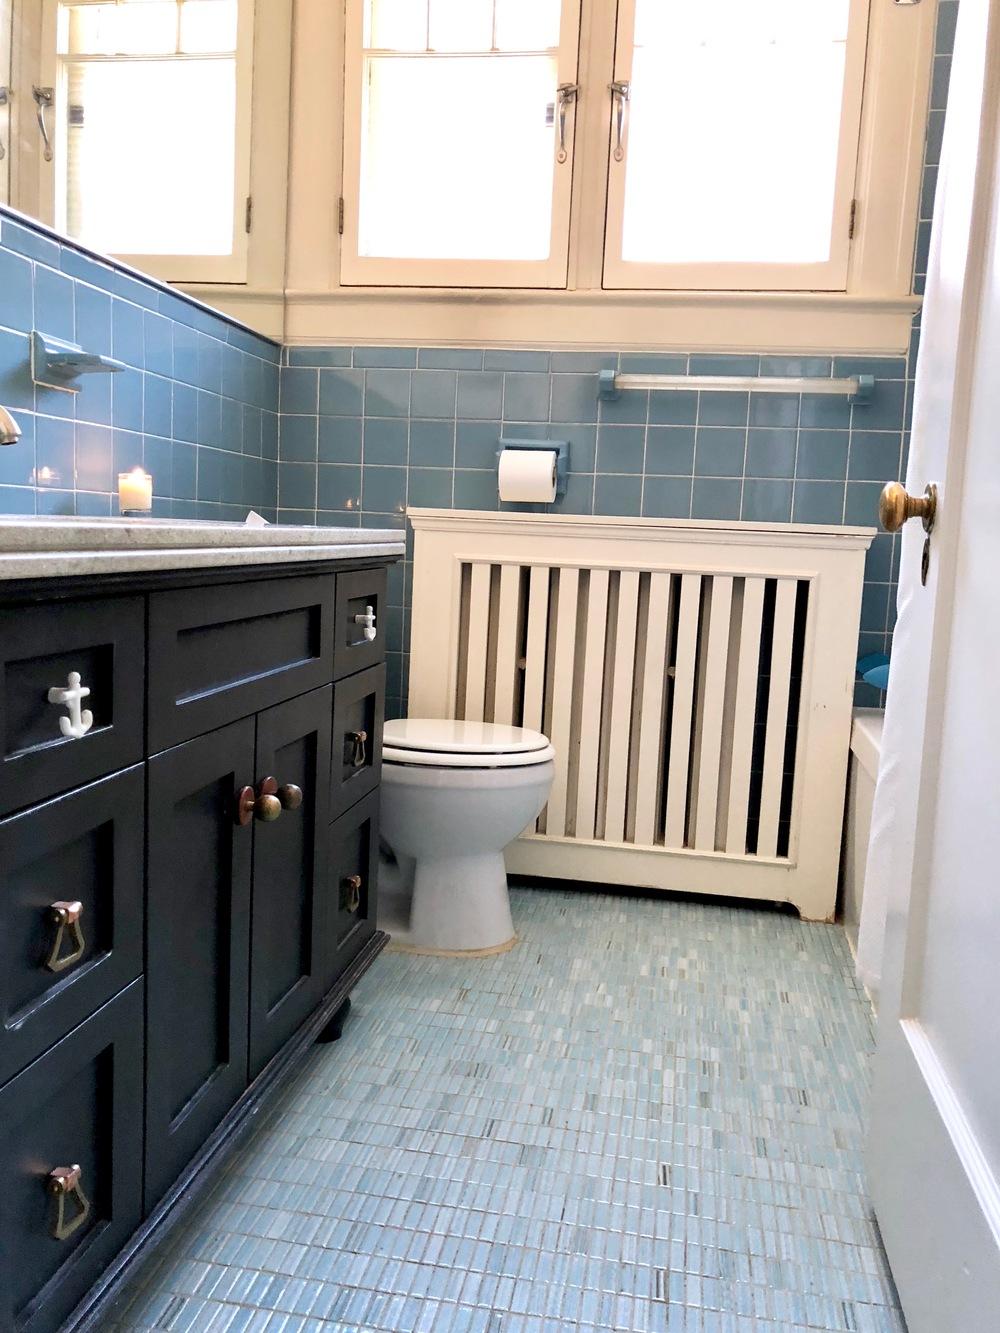 sur pleins de projets ce qui fait notre salle de bain est reste coince dans les annes bleu poudre 5 ans de plus voici en toute humilit le avant